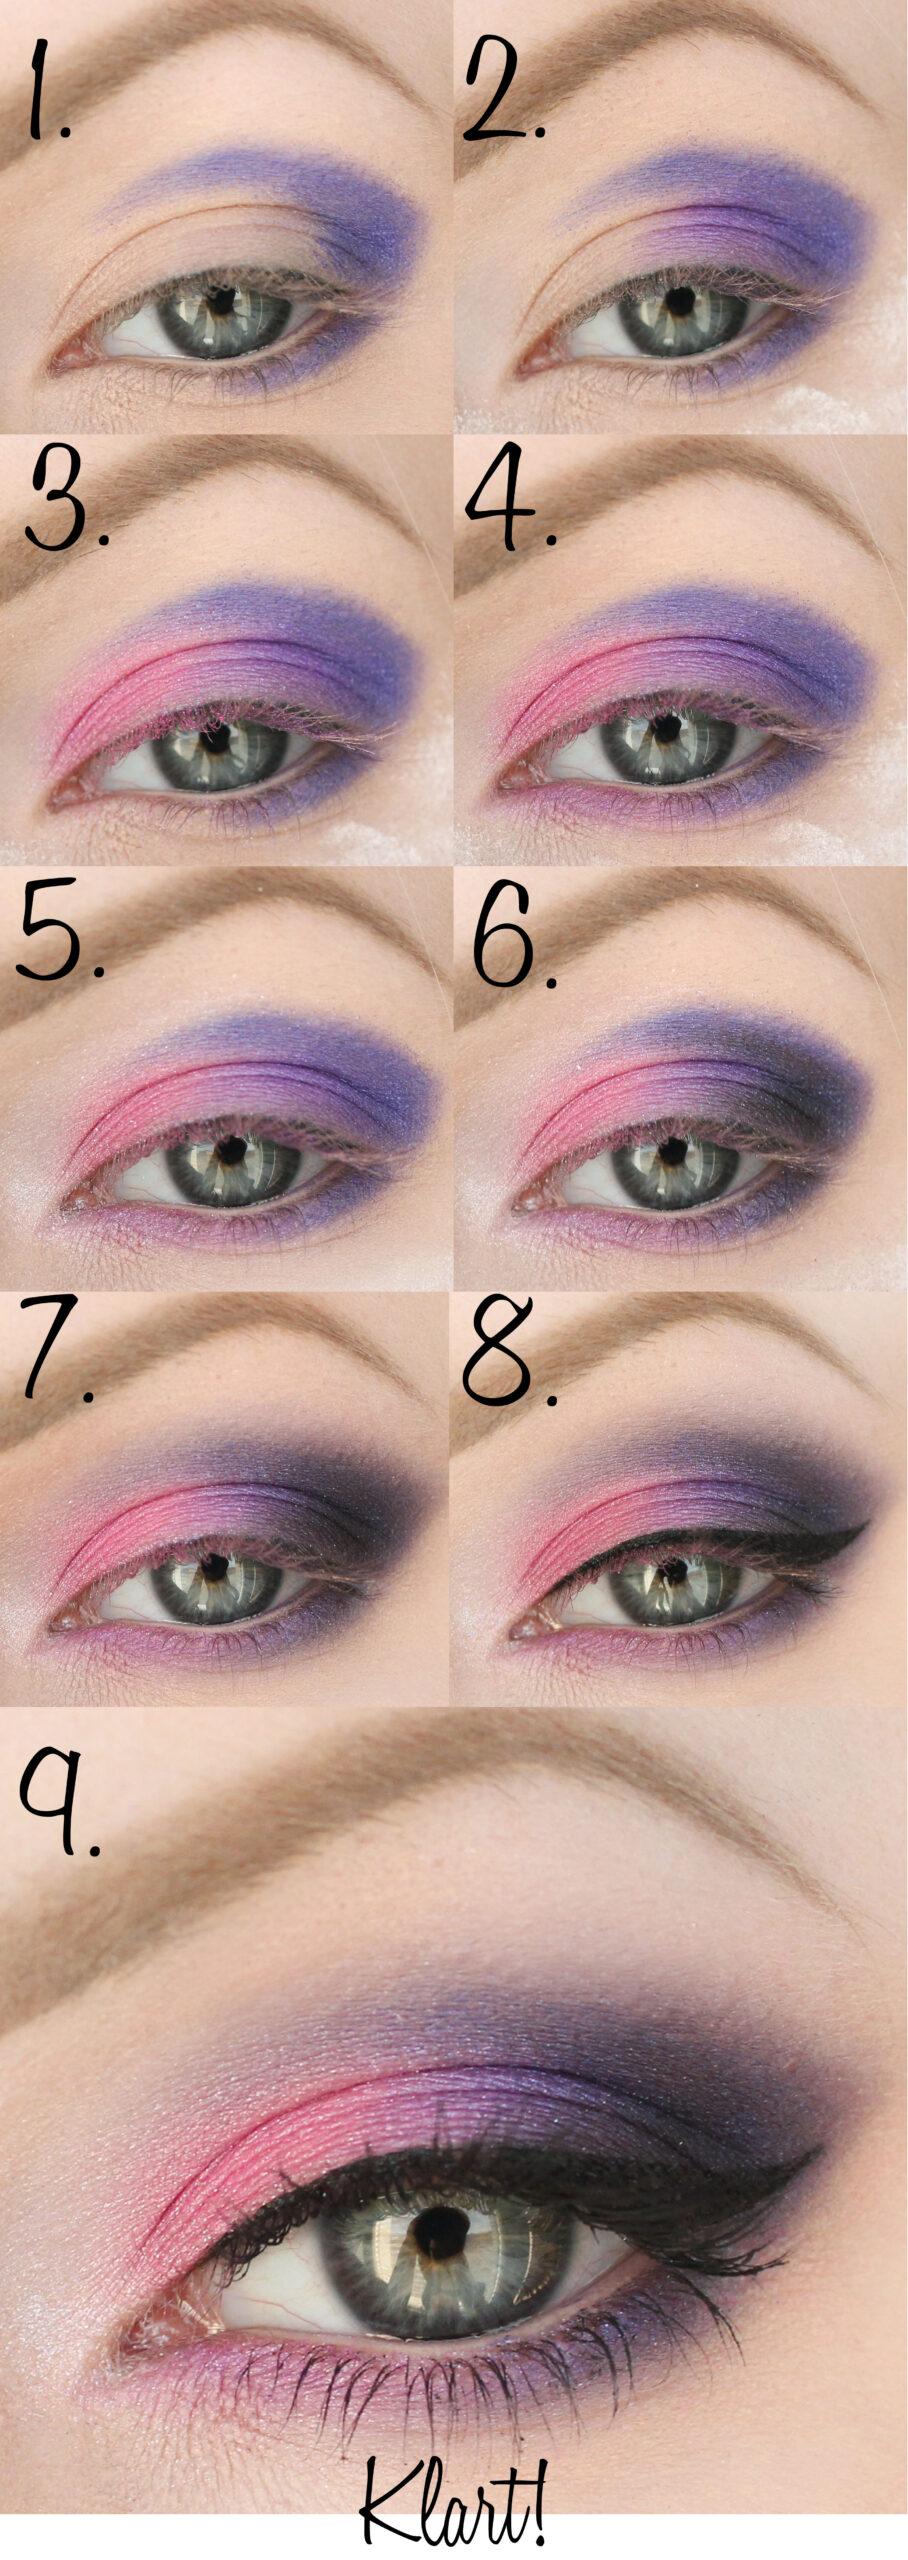 purple-makeup-step-by-step